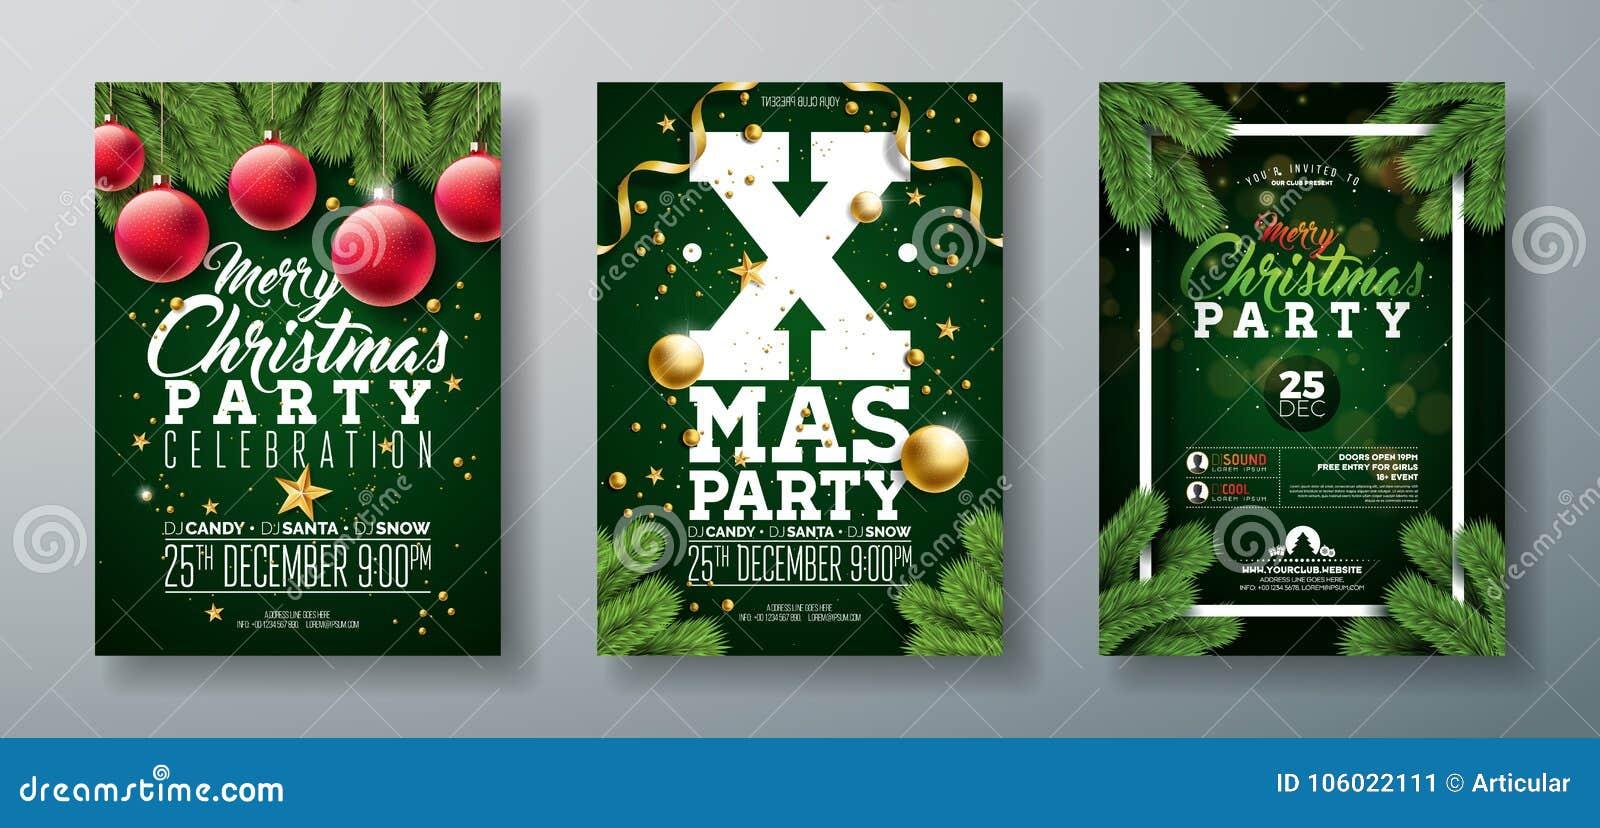 Διανυσματικό σχέδιο ιπτάμενων γιορτής Χριστουγέννων με τα στοιχεία τυπογραφίας διακοπών και τη διακοσμητική σφαίρα, κλάδος πεύκων